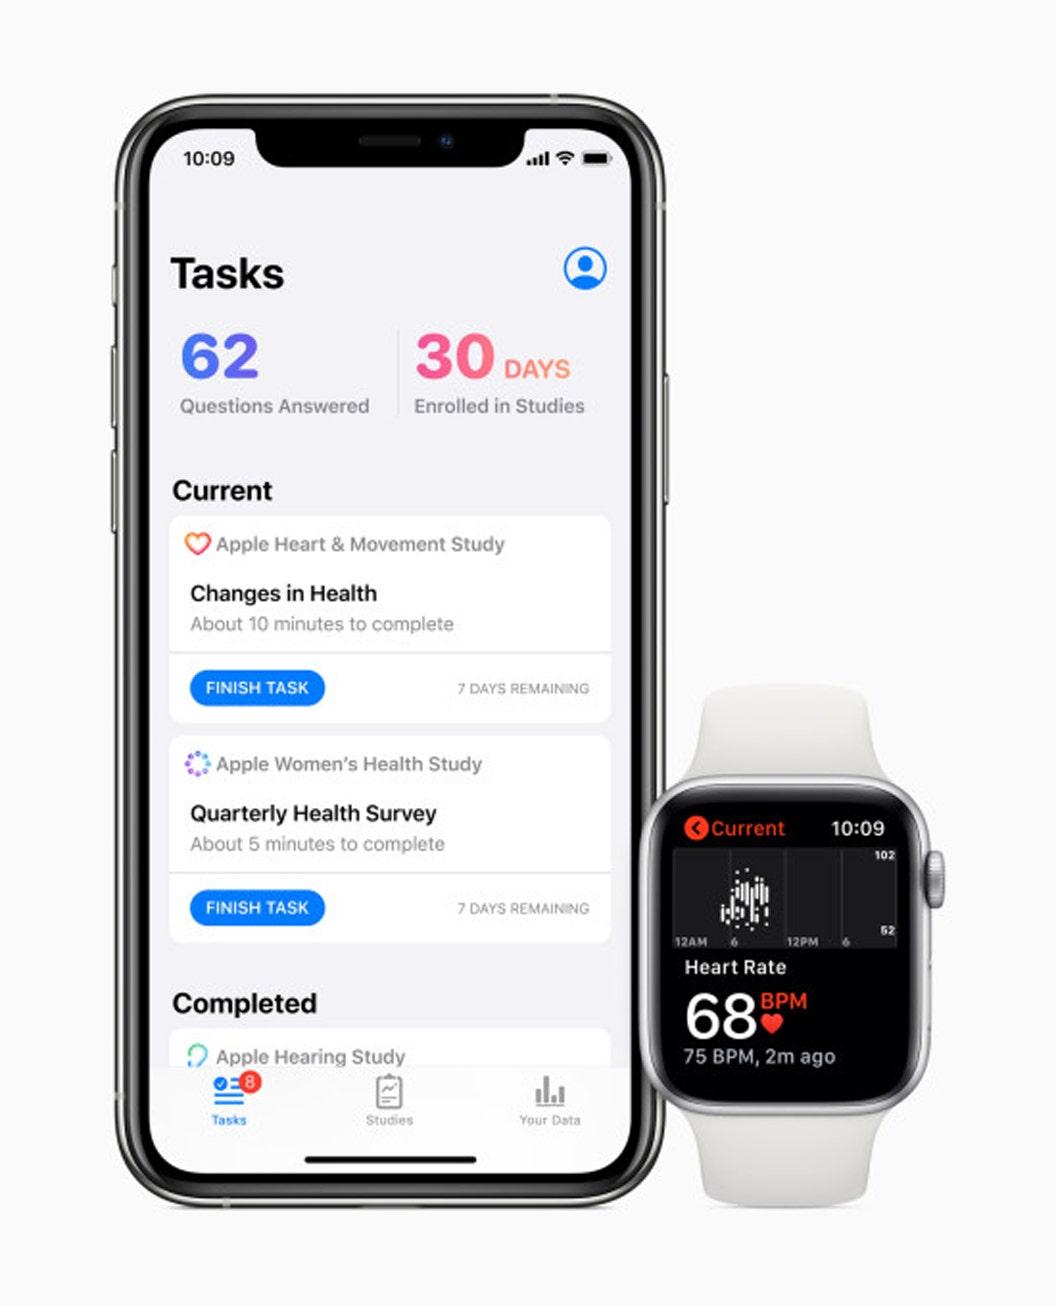 Apple đào sâu hơn vào tham vọng sức khỏe với ứng dụng Nghiên cứu mới, nghiên cứu về sức khỏe